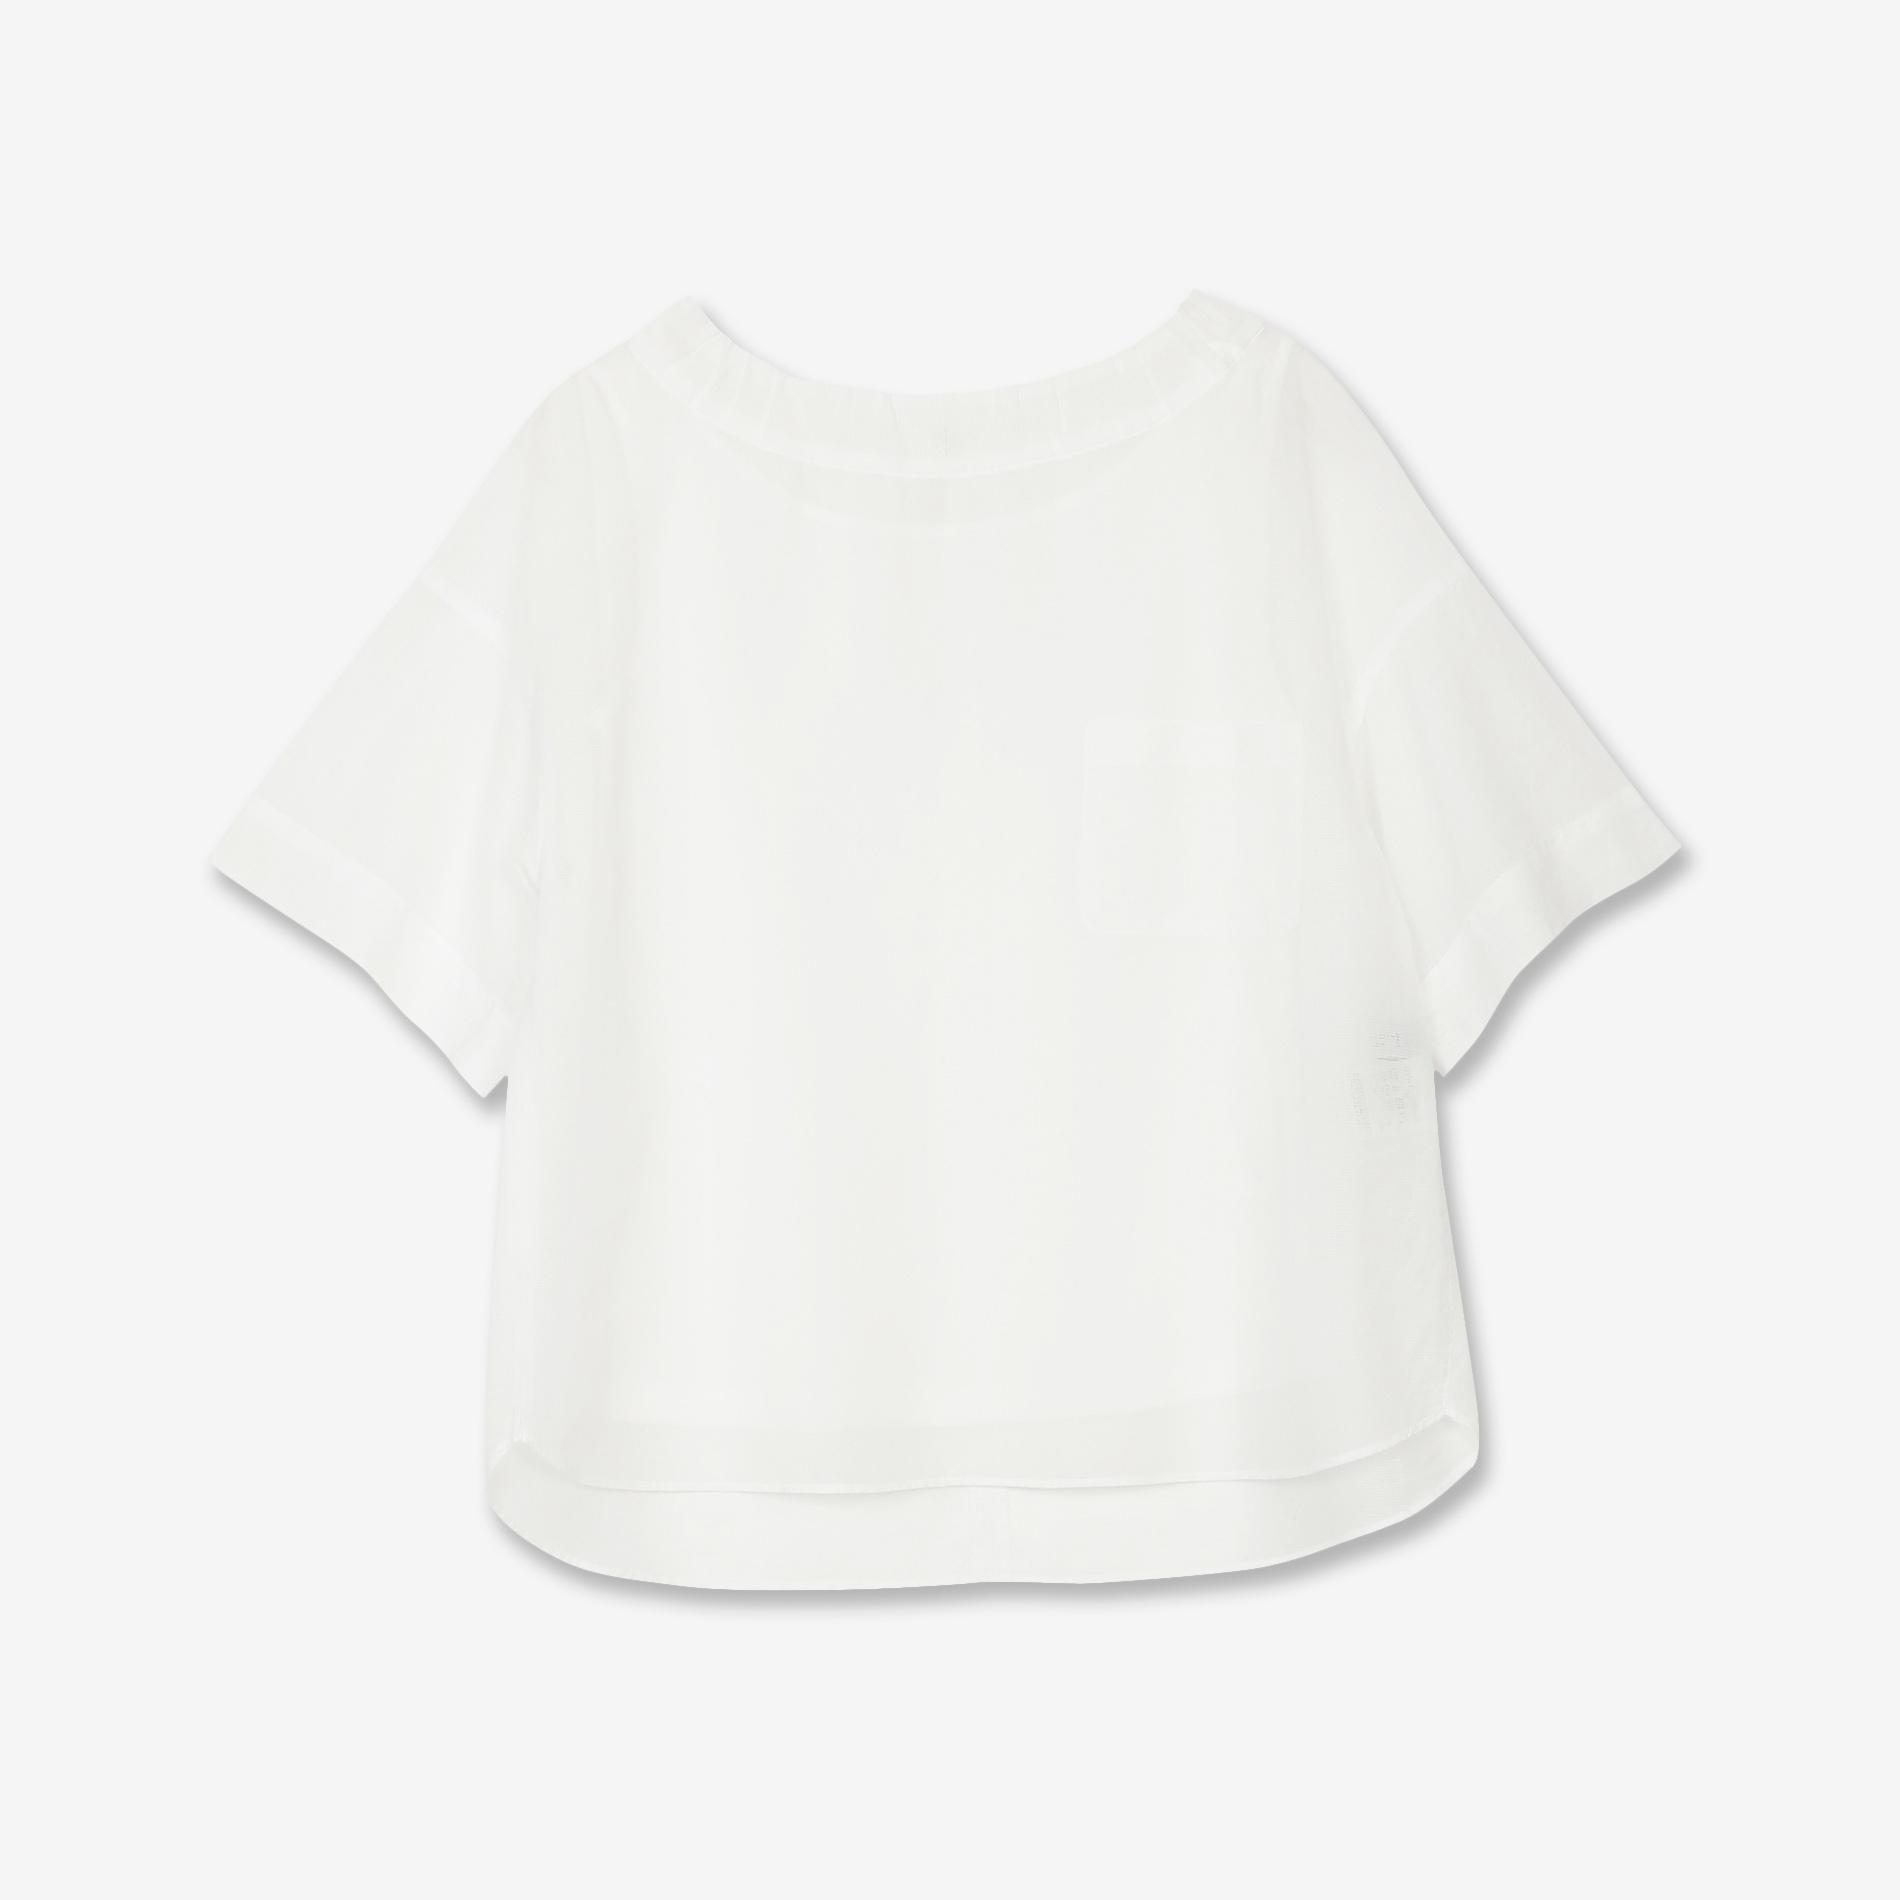 コットンボイルストライプシャツ